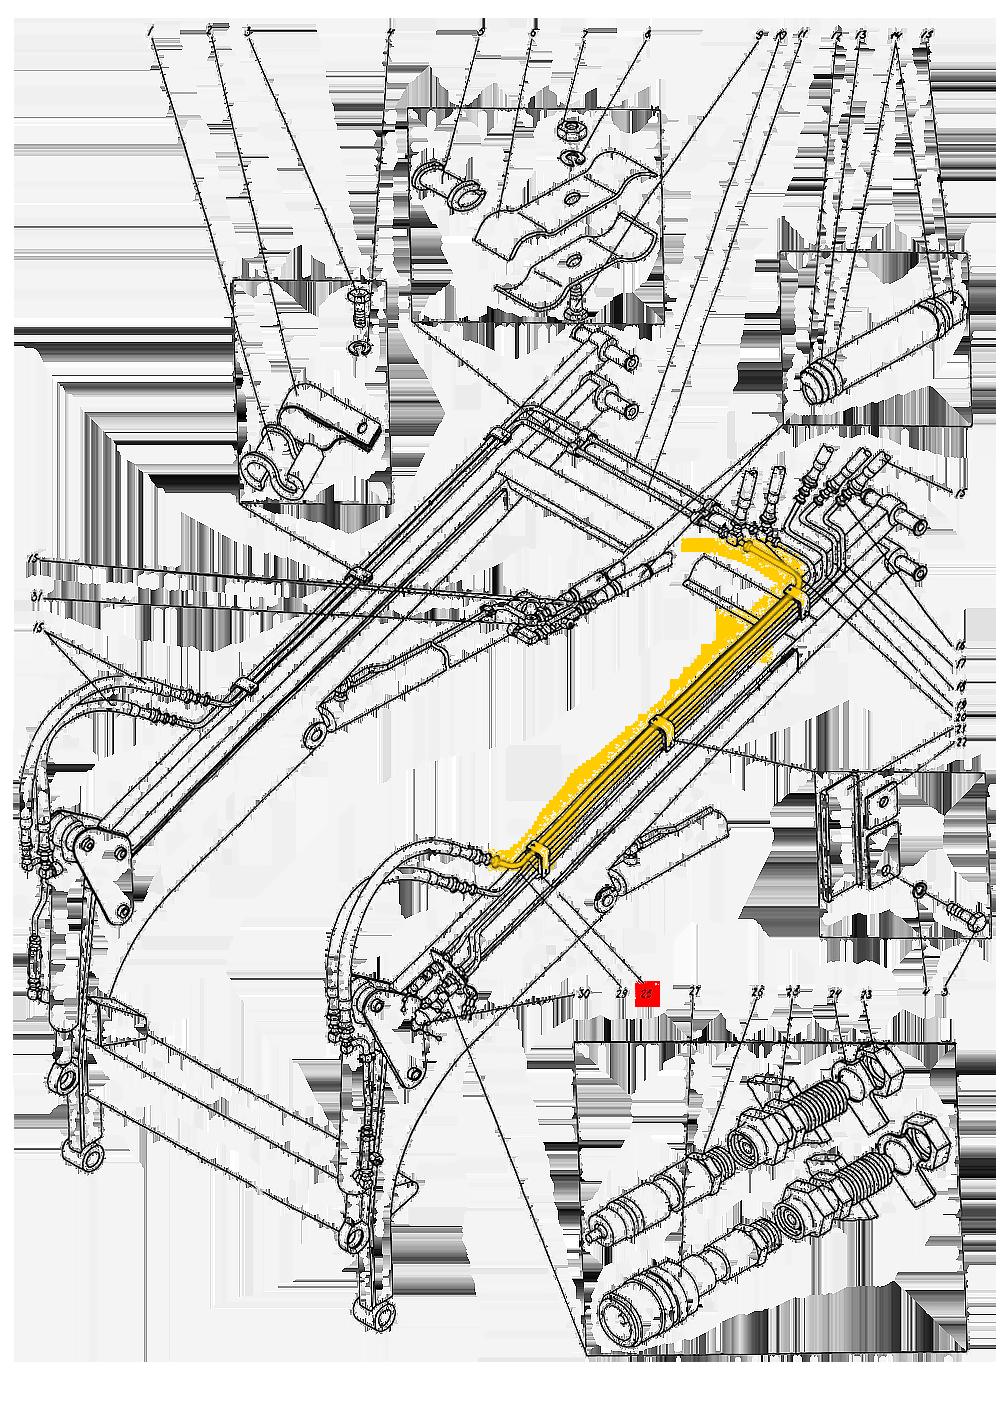 Трубопровод П1.10.05.010-сб-1